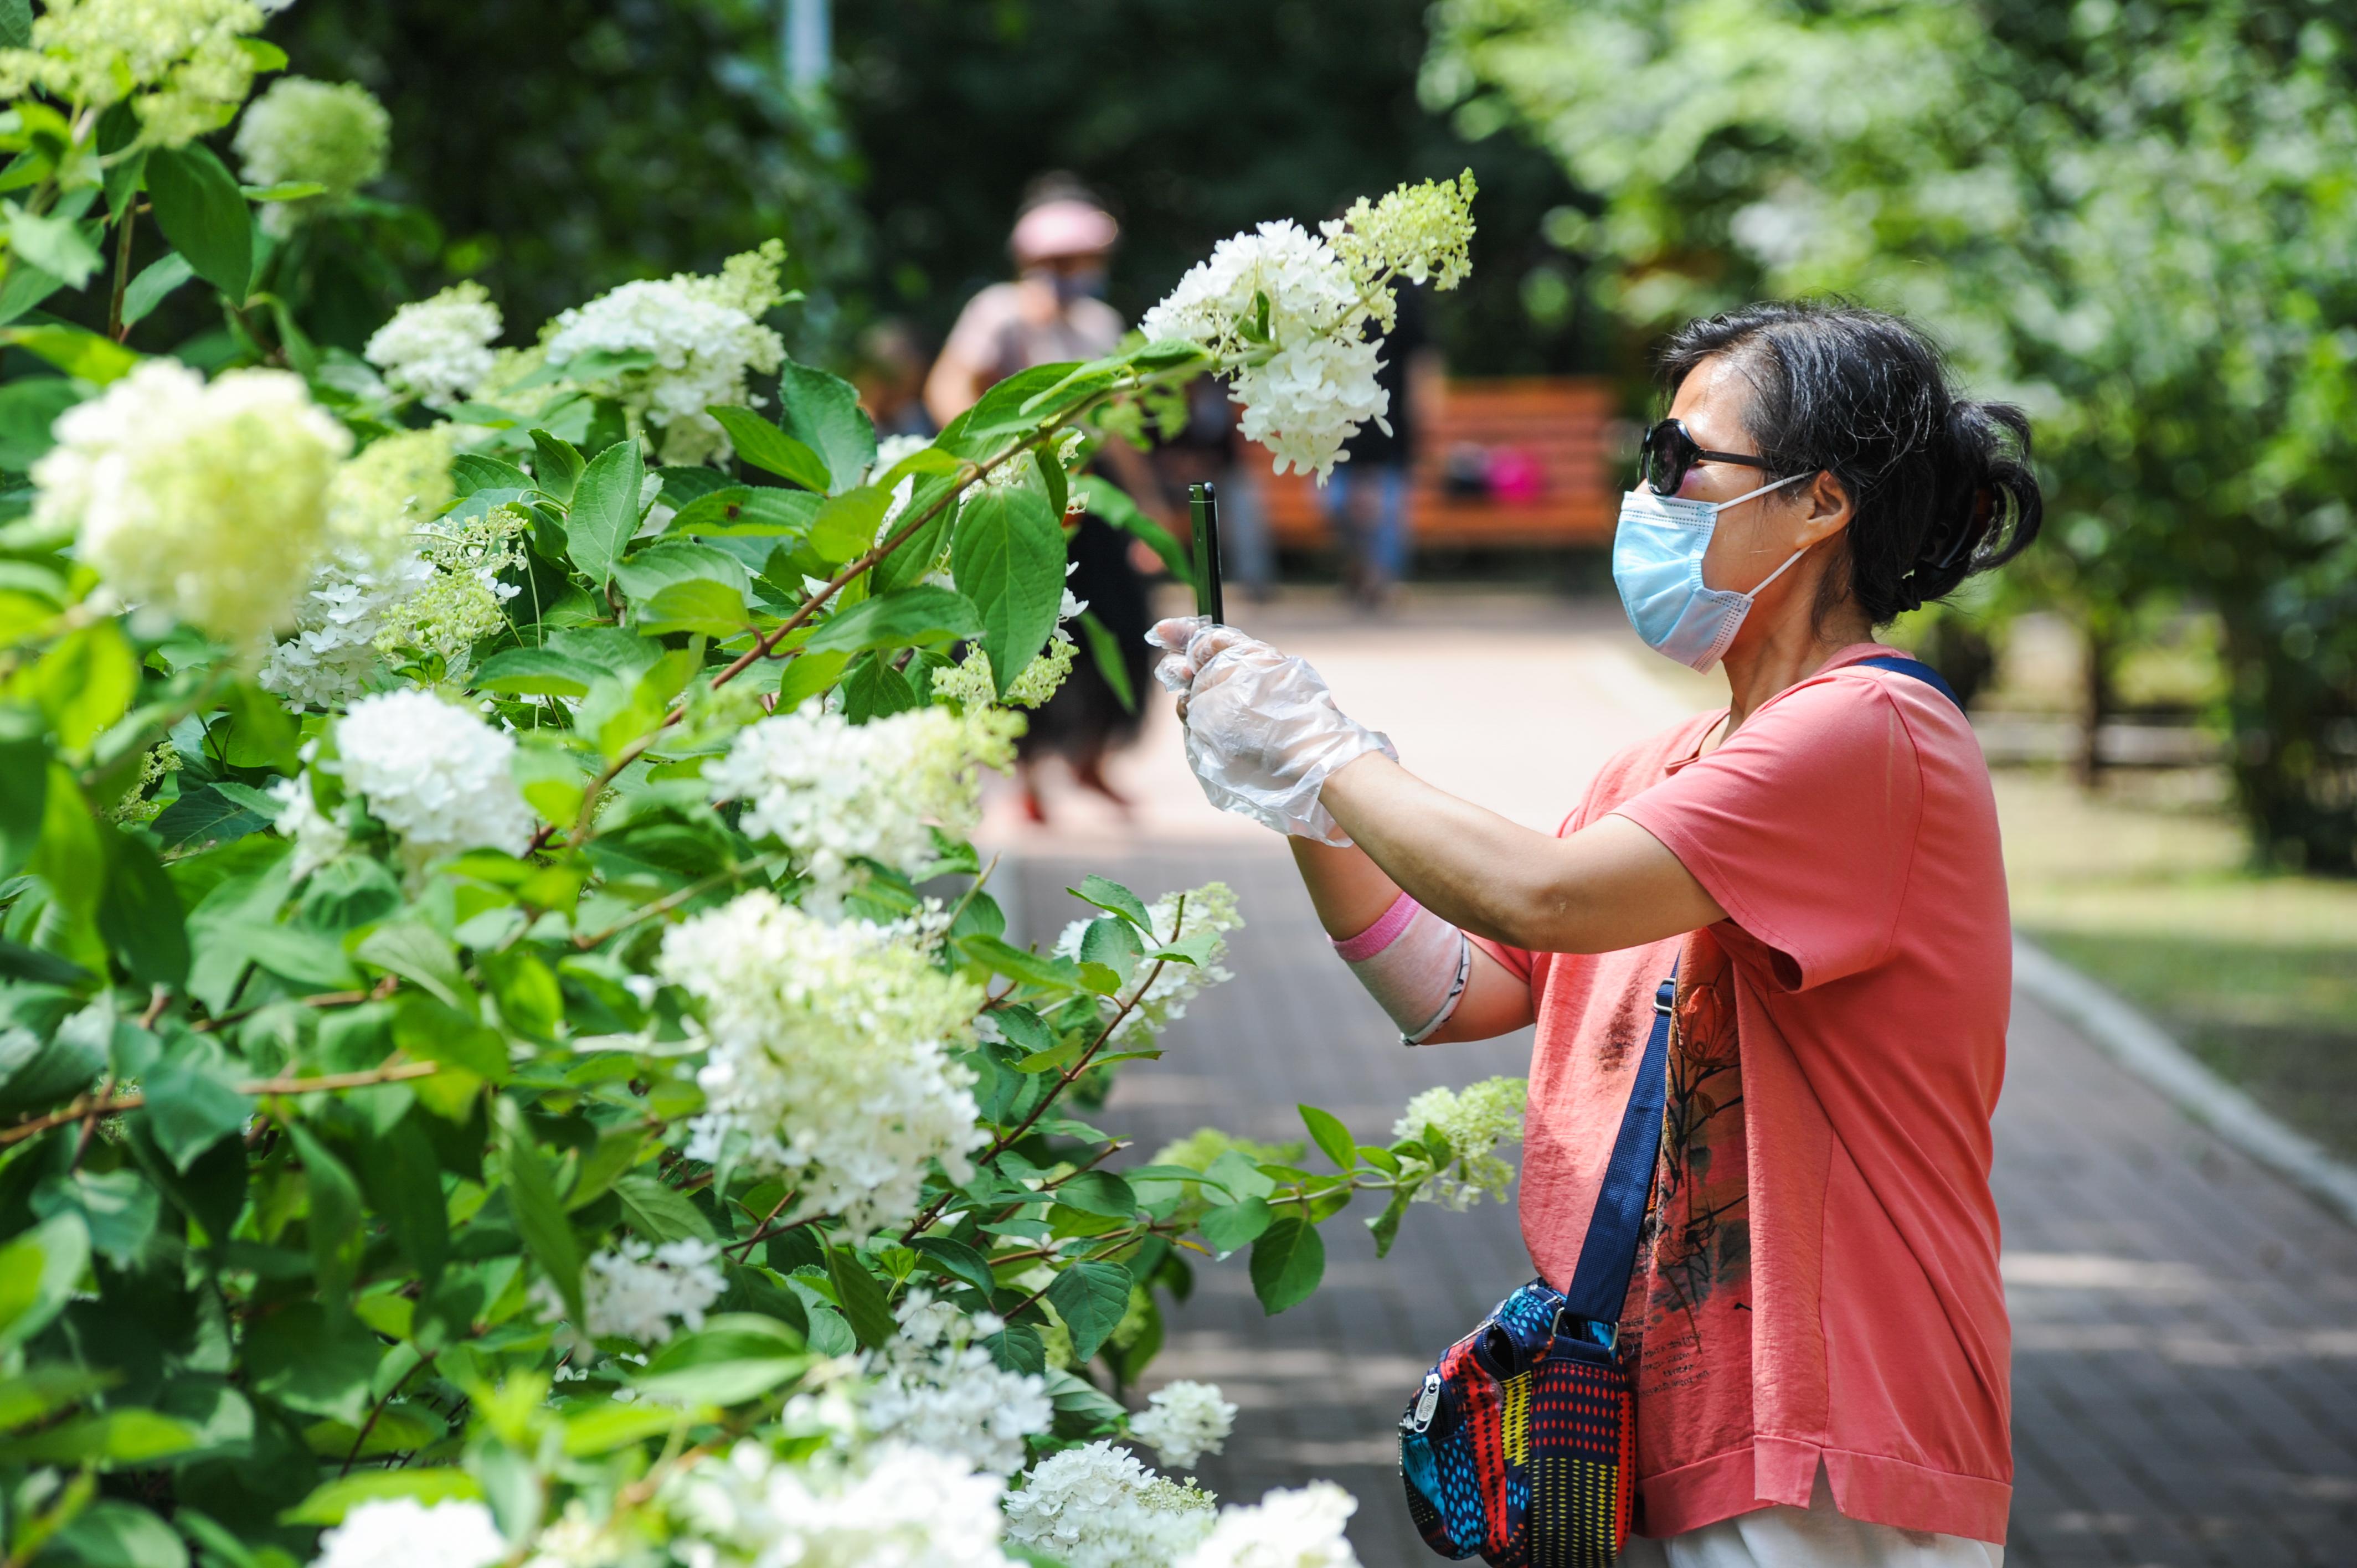 近日,哈尔滨市多个公园鲜花盛开,朵朵鲜花争奇斗艳。市民和游客在公园内穿行,在花海内徜徉,在凉爽的初秋里尽情享受这姹紫嫣红的花季。